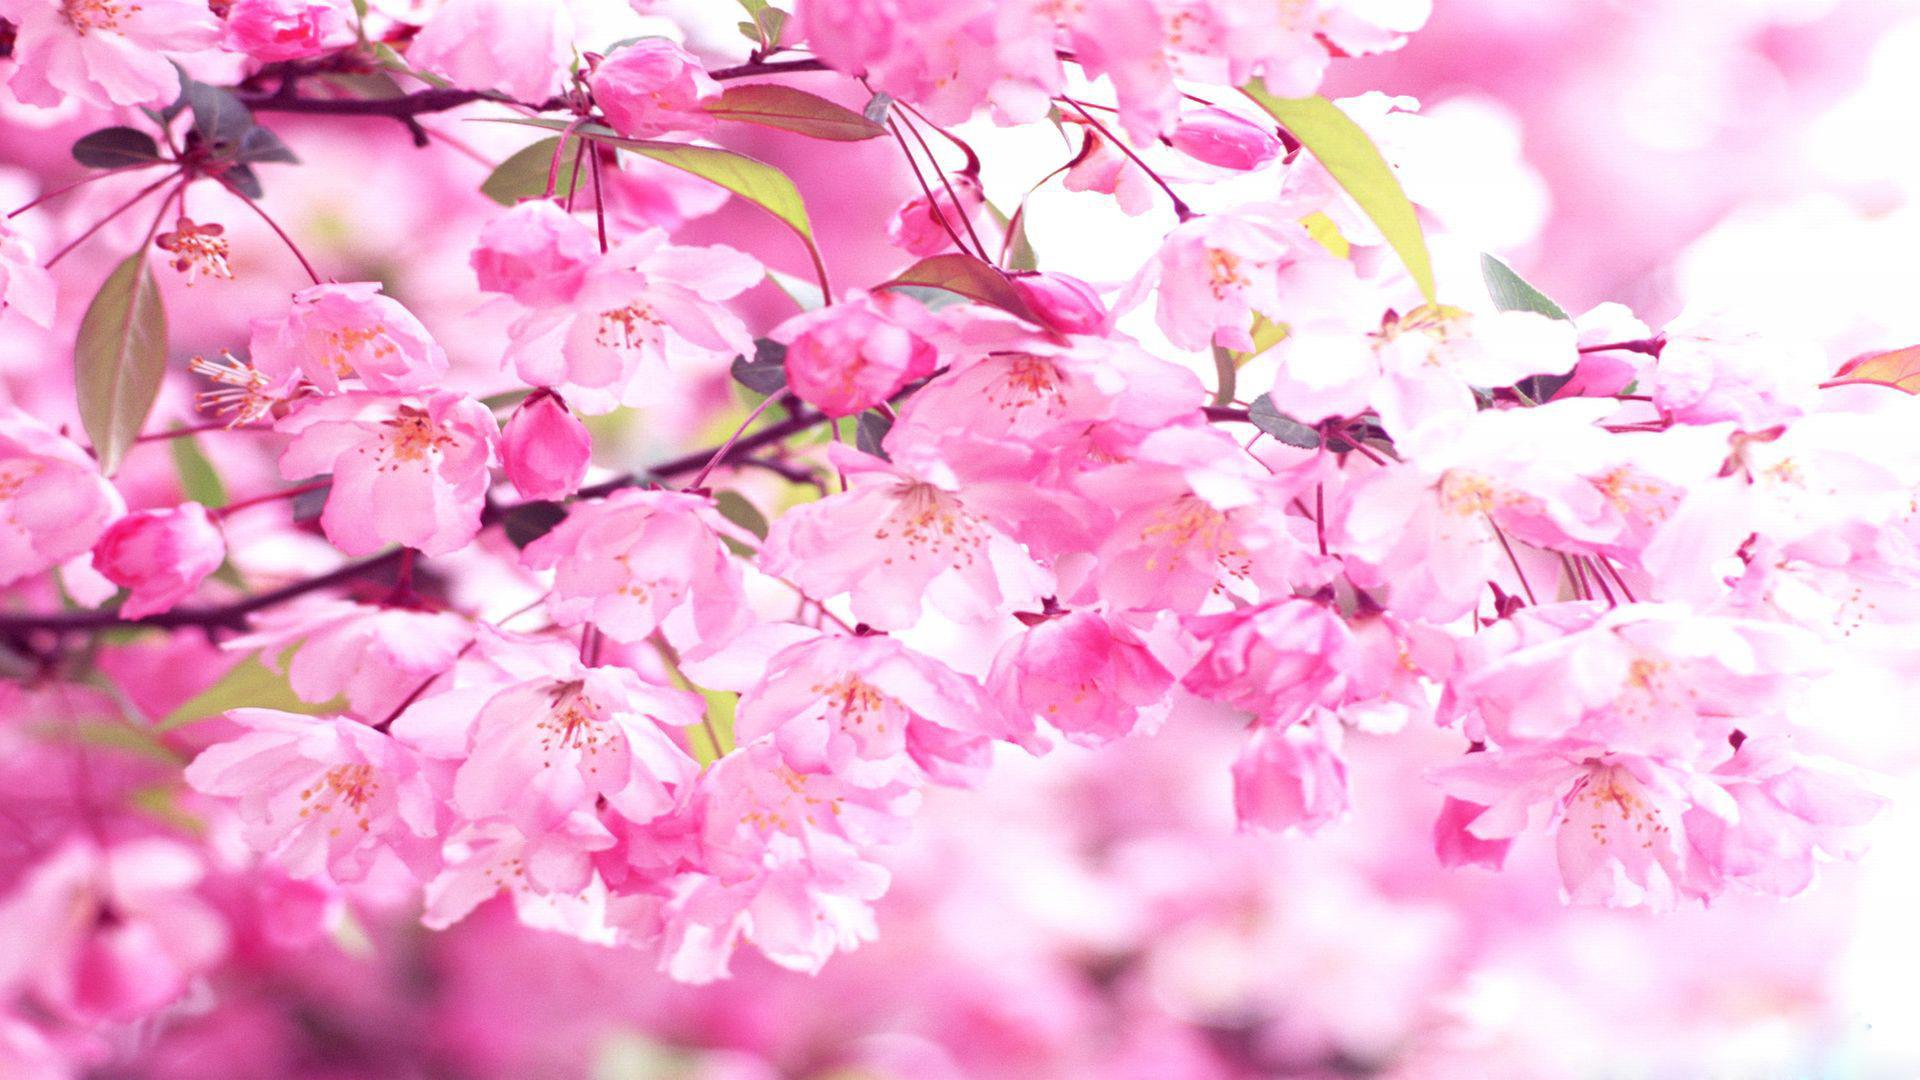 Stunning Fall Wallpapers Cherry Blossom Wallpaper Hd Pixelstalk Net